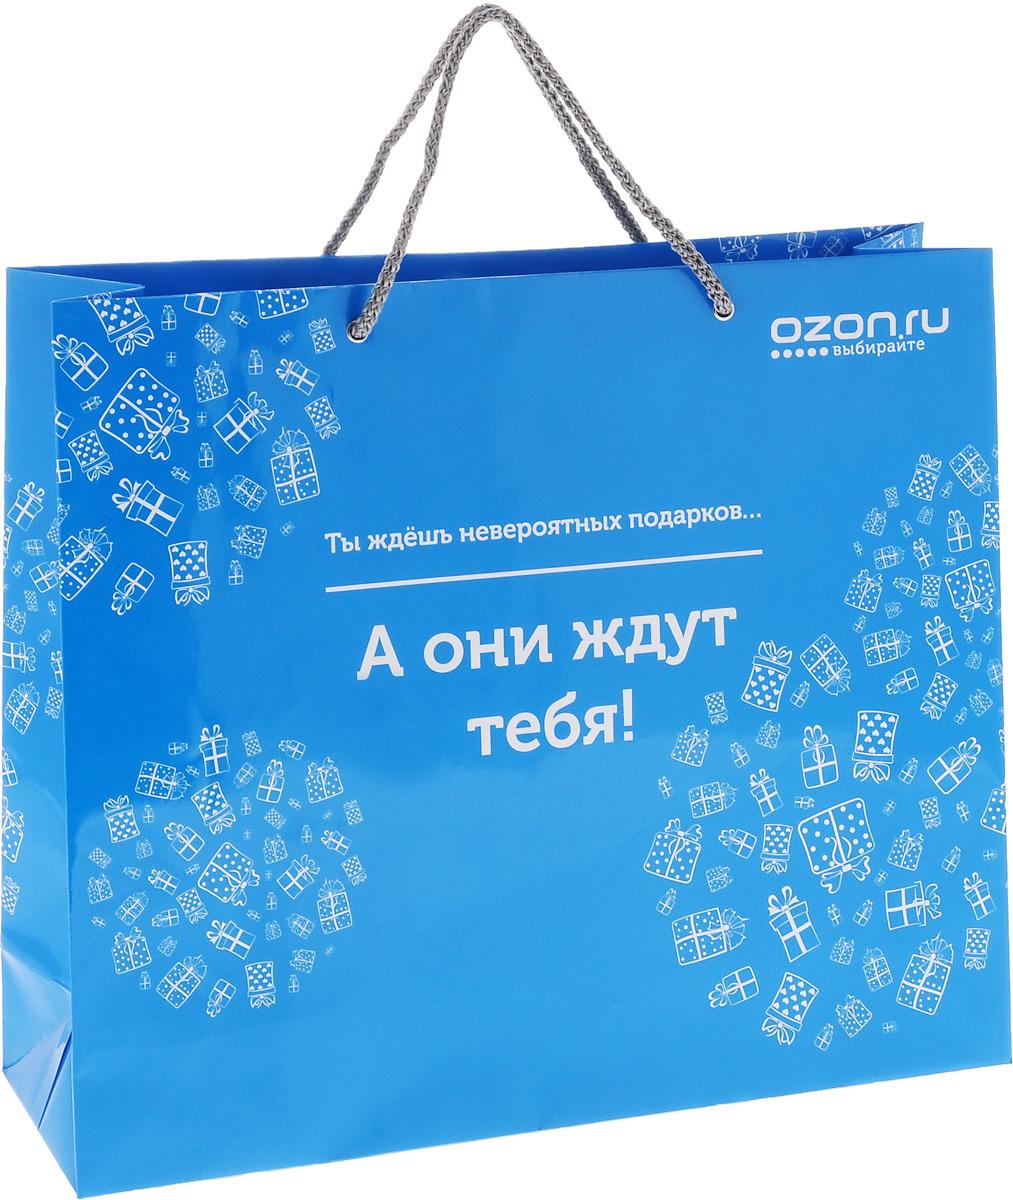 """Пакет подарочный OZON.ru """"Ты ждешь невероятных подарков, а они ждут тебя"""", изготовленный из ламинированной бумаги, станет незаменимым дополнением к выбранному подарку. Дно изделия укреплено плотным картоном, который позволяет сохранить форму пакета и исключает возможность деформации дна под тяжестью подарка. Для удобной переноски предусмотрены два шнурка. Подарок, преподнесенный в оригинальной упаковке, всегда будет самым эффектным и запоминающимся. Окружите близких людей вниманием и заботой, вручив презент в нарядном, праздничном оформлении."""